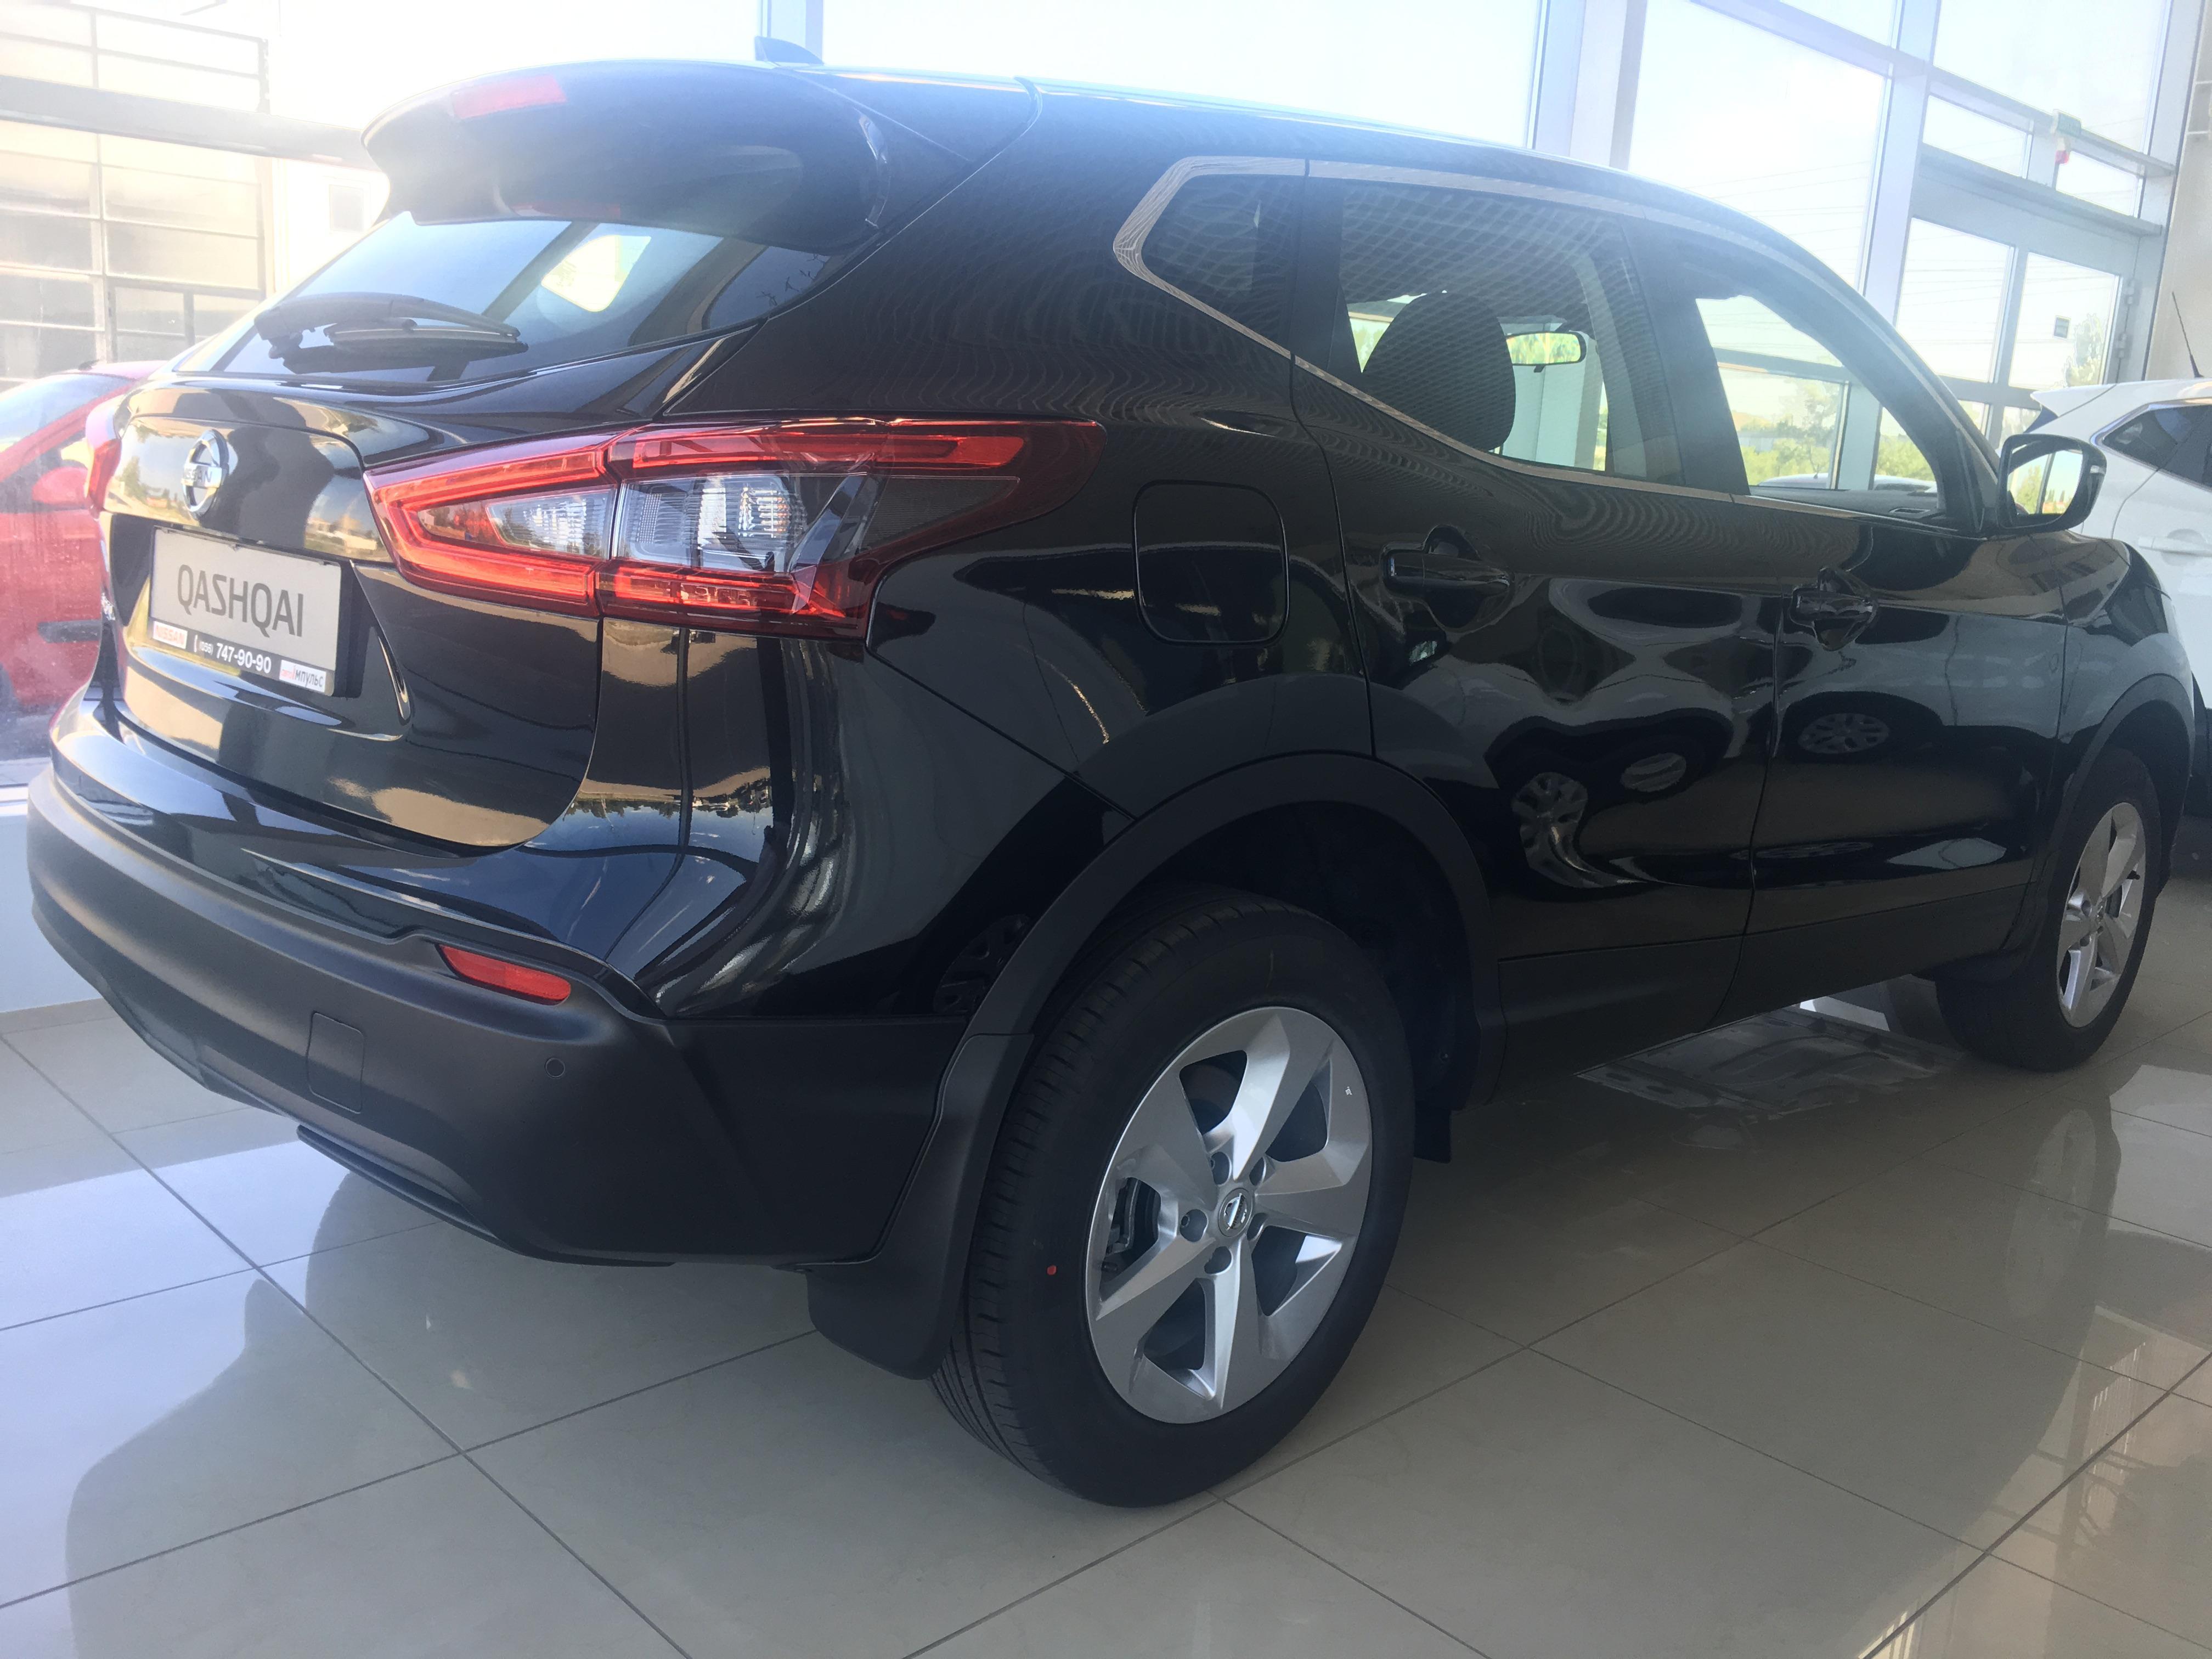 new_avto-1466745768.JPG